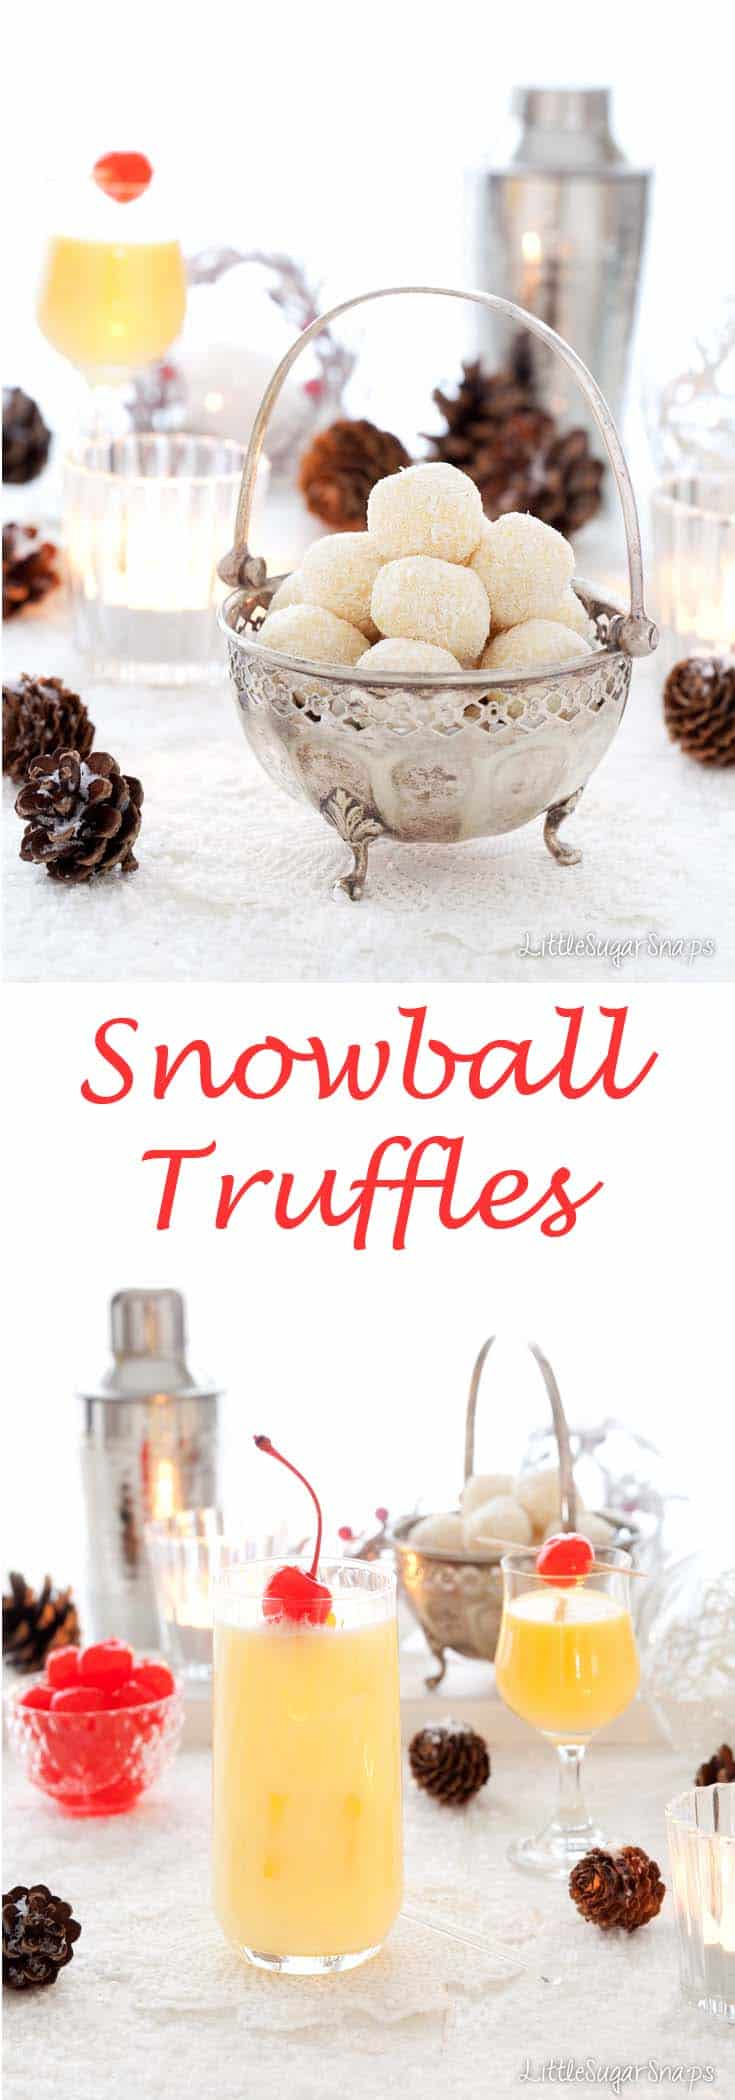 Snowball Truffles #snowball #advocaat #truffles #boozy